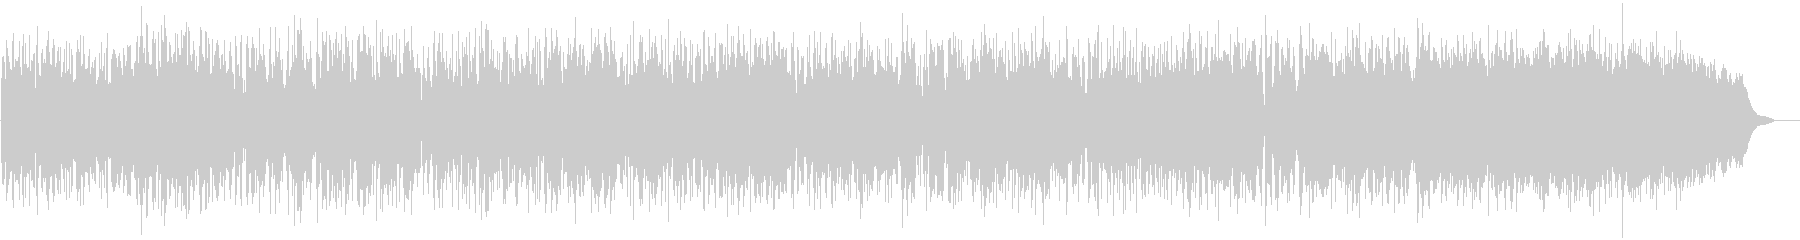 80年代のグラムロックサウンドトラ...の未再生の波形